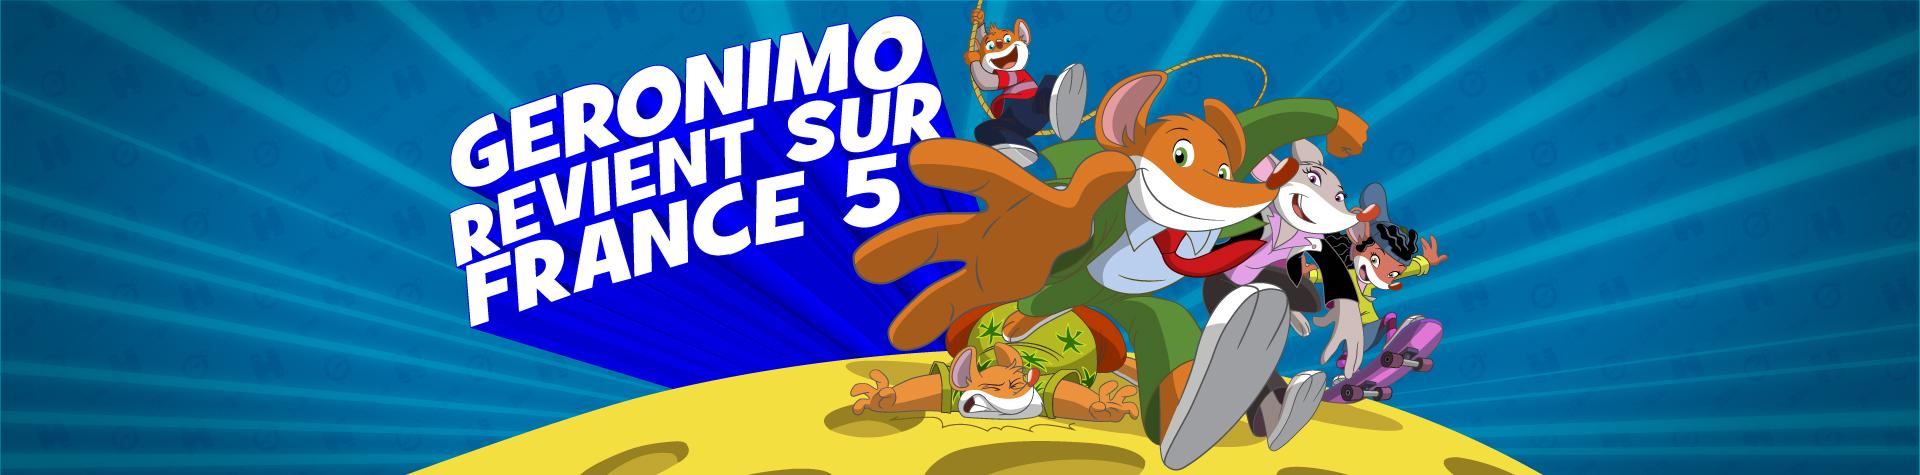 Geronimo revient sur France 5 !